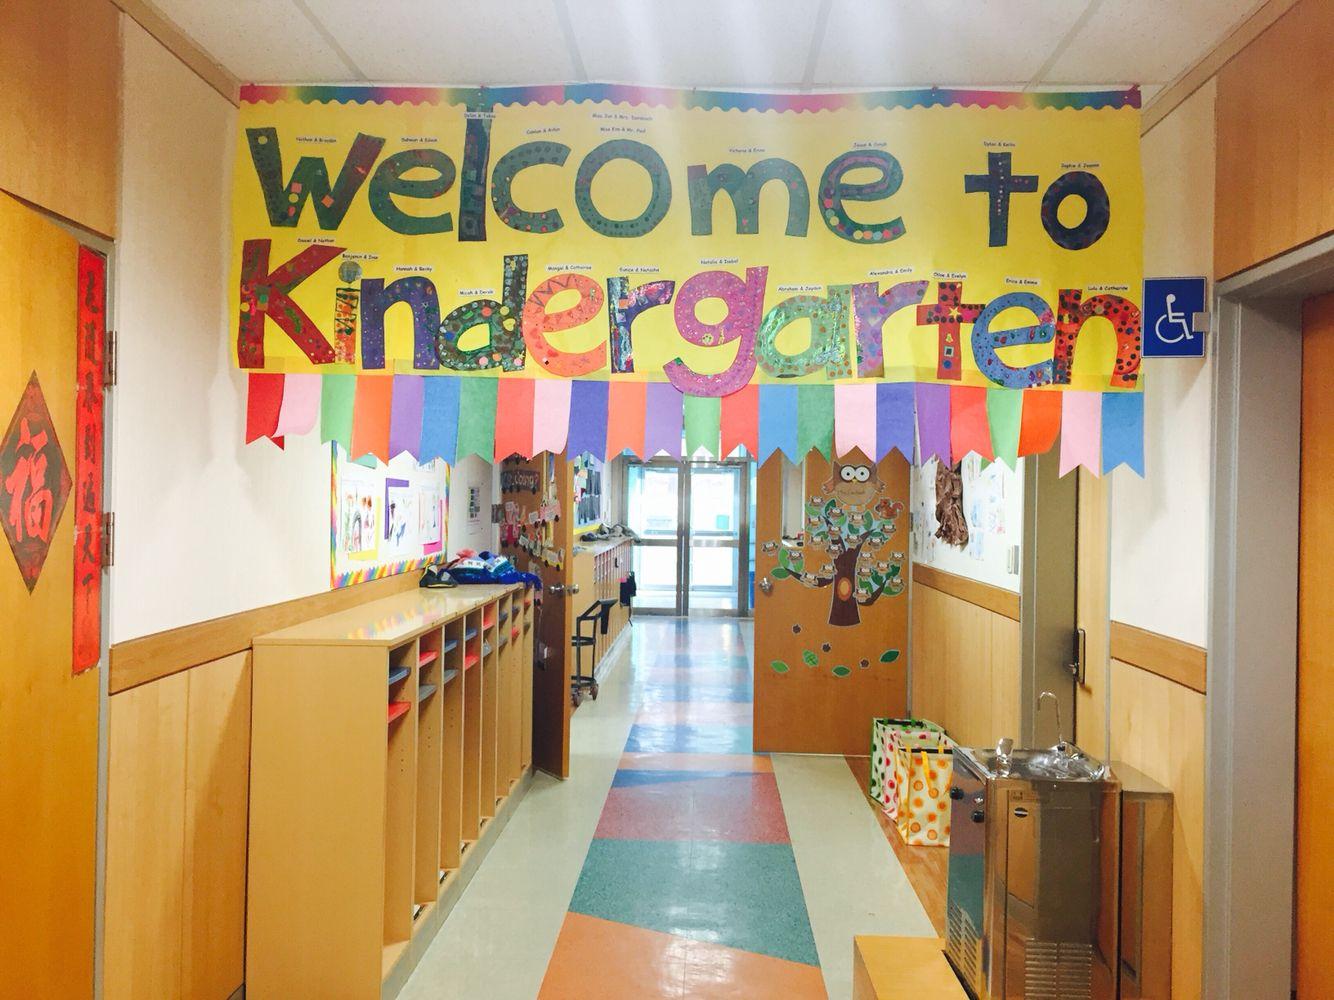 kindergarten banner for a hallway welcome to kindergarten